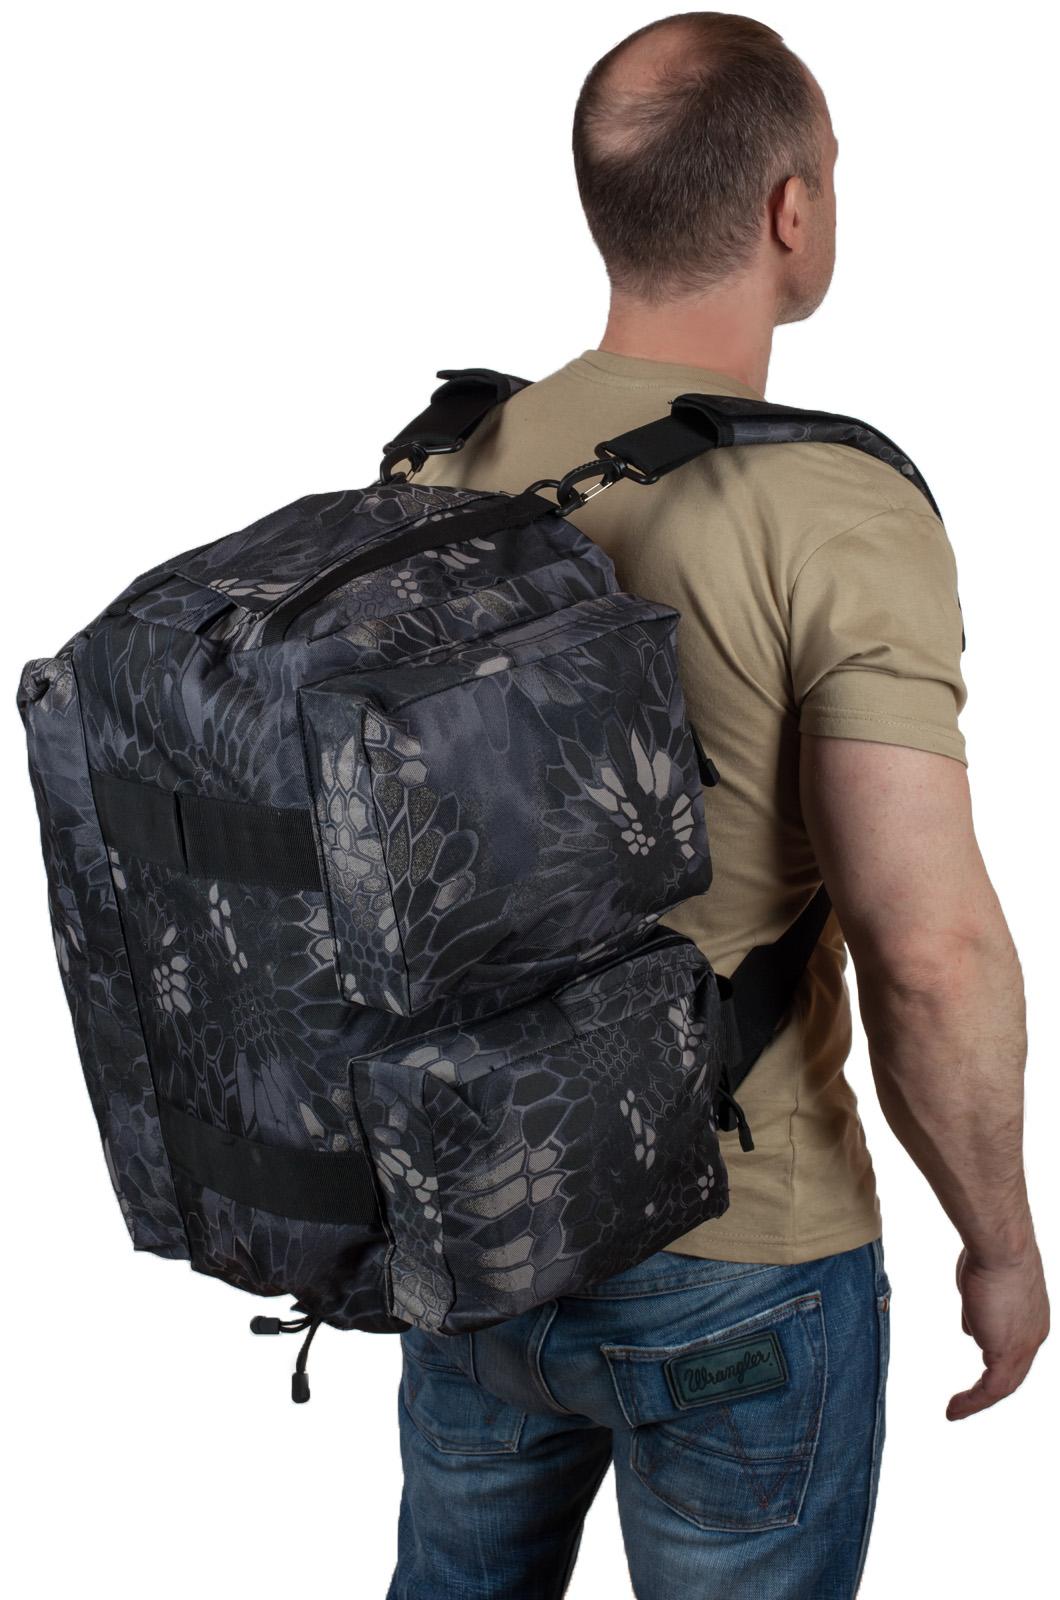 Мужская дорожная сумка камуфляж Kryptek Typhon высокого качества